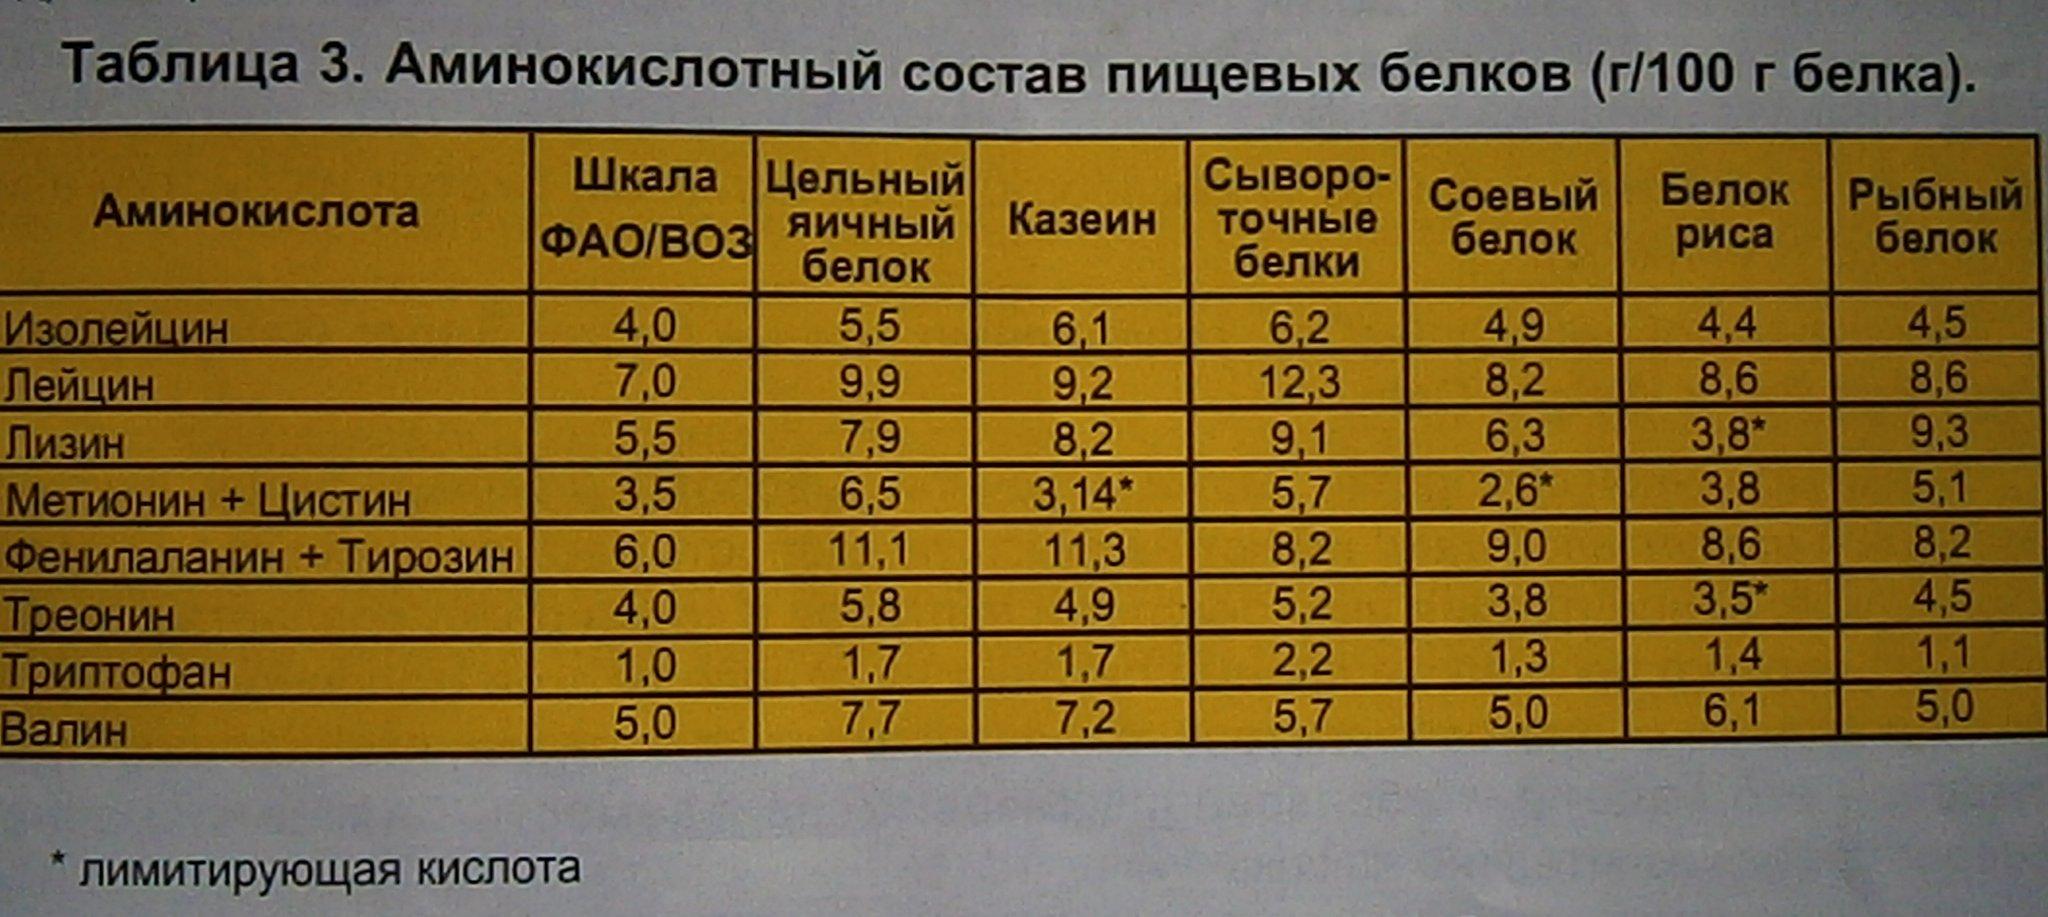 Как принимать аминокислоты: виды, правила приема, противопоказания - tony.ru